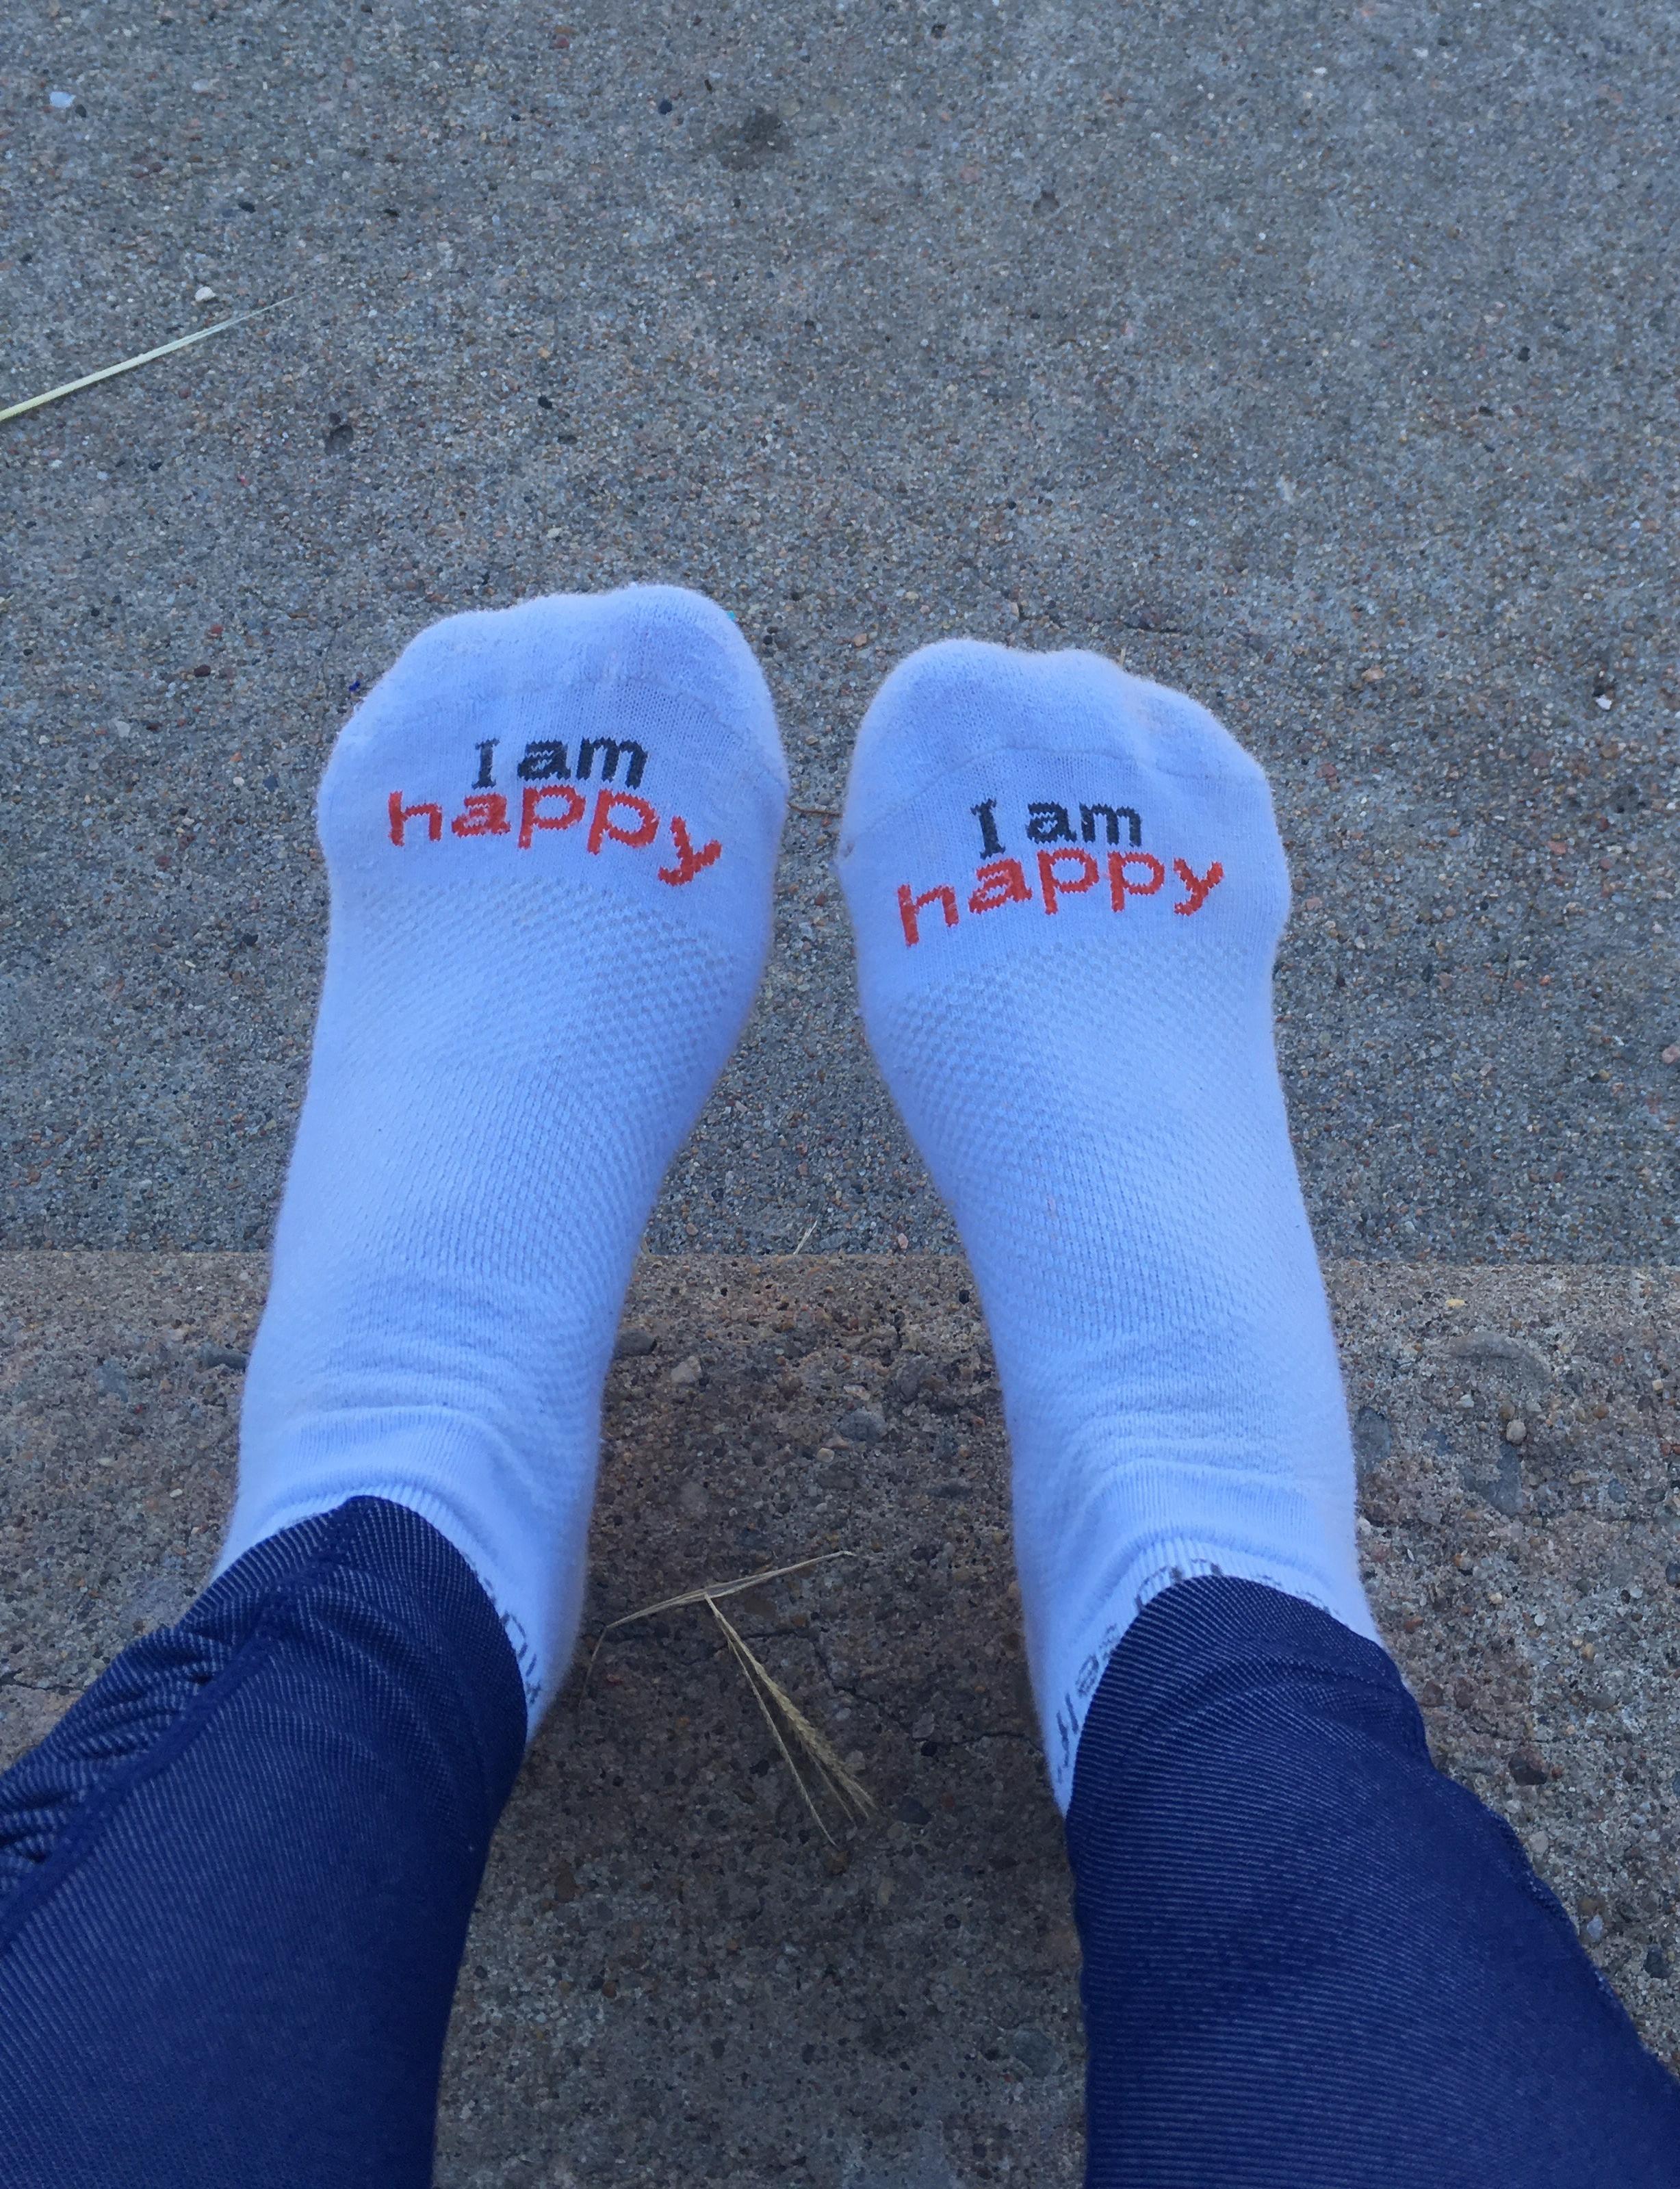 i-am-happy-socks.jpg